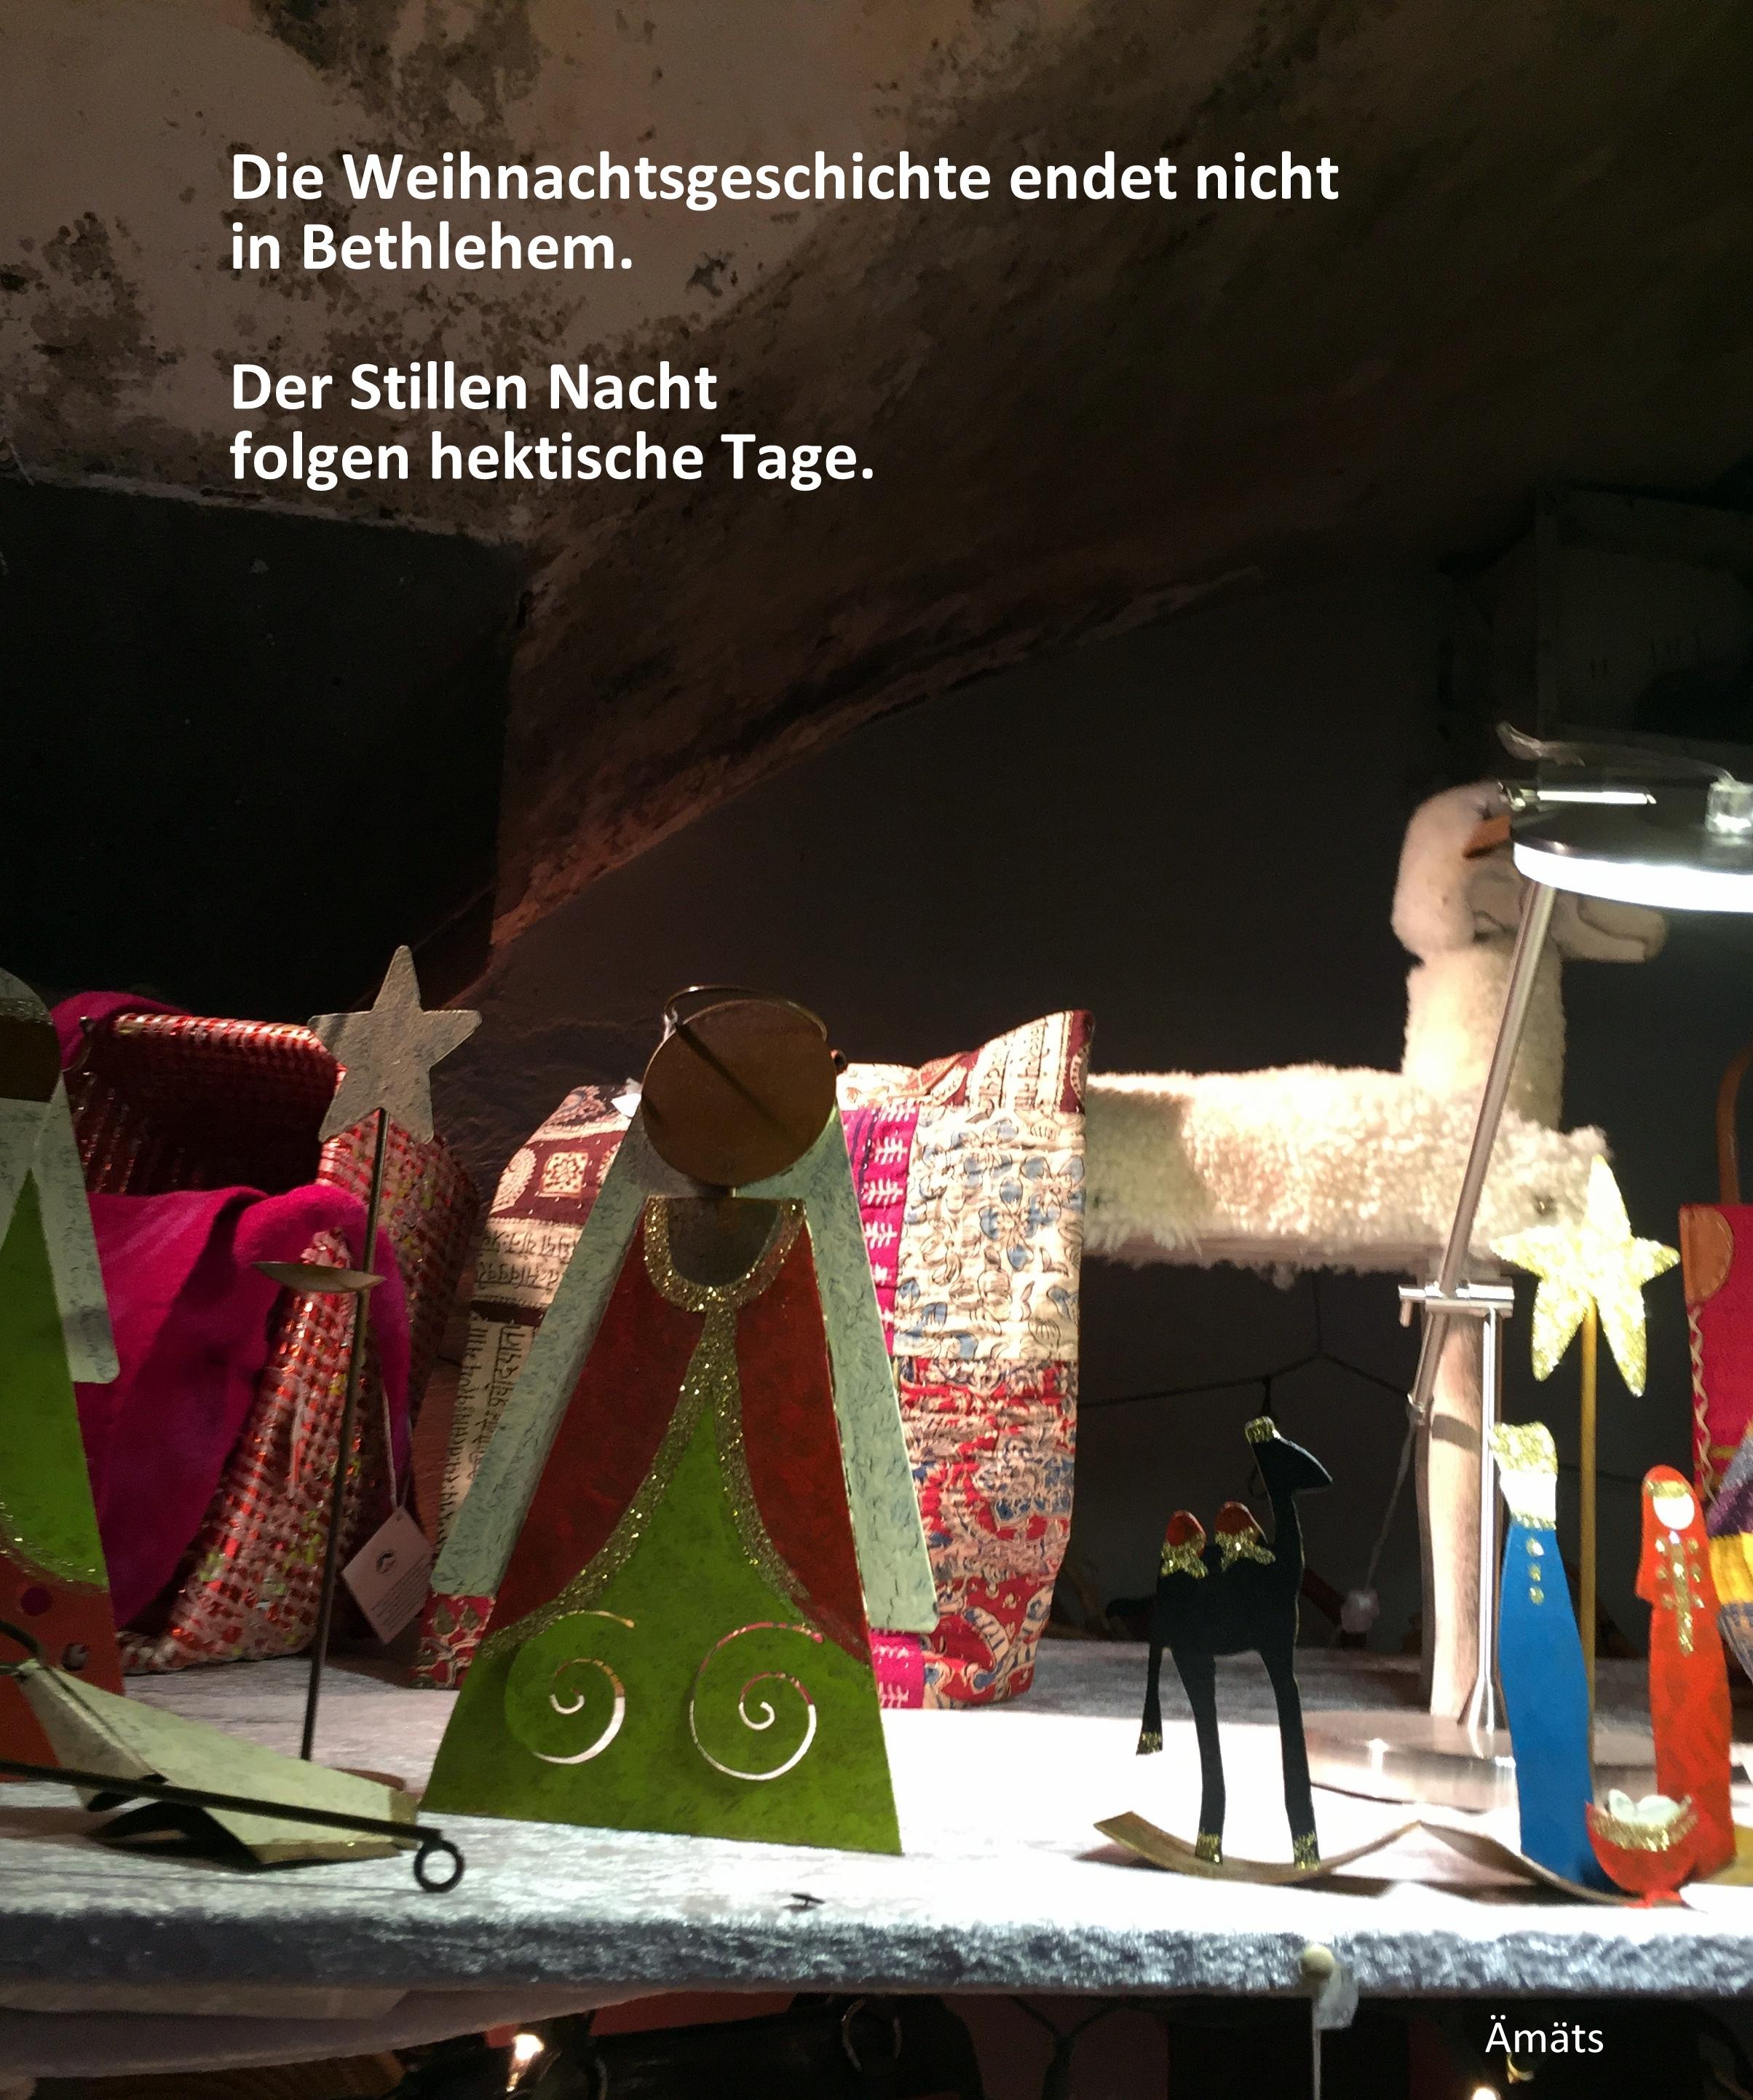 1-024-Weihnachtsmarkt 2015 12.12.2015 12-00-15